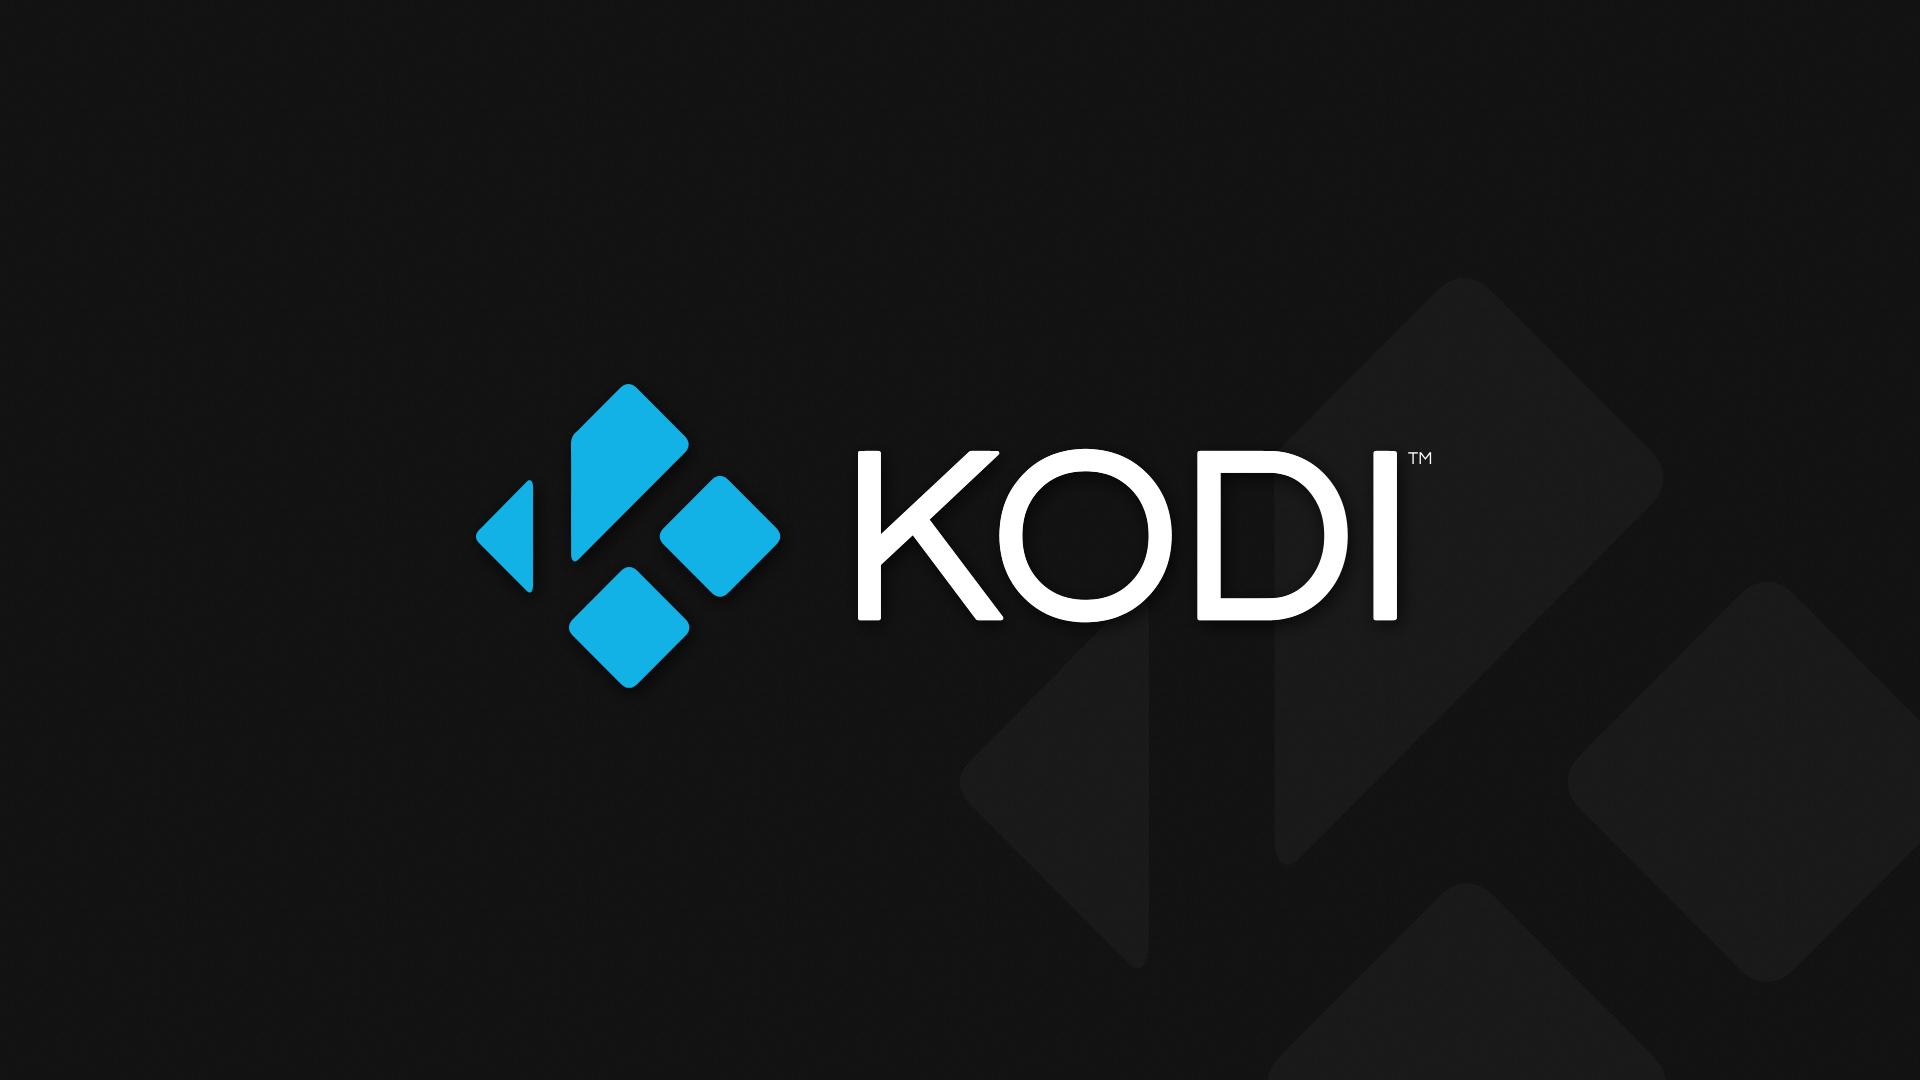 Kodi banner